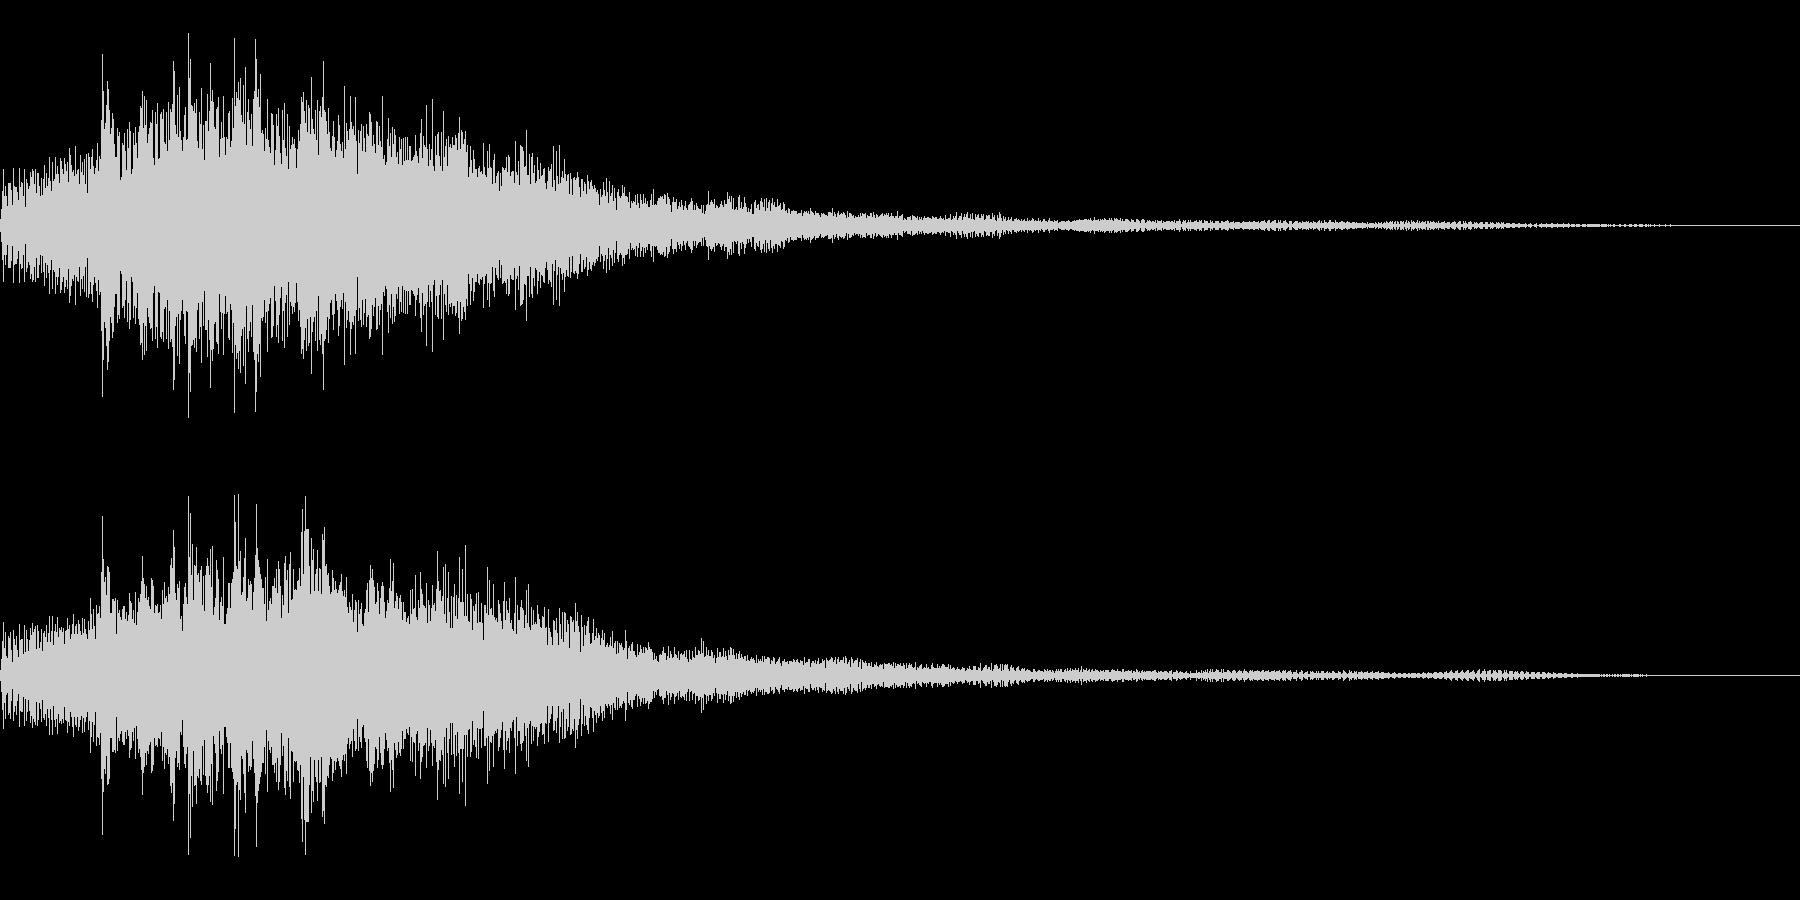 ゲーム機の起動音風サウンドロゴ・ジングルの未再生の波形